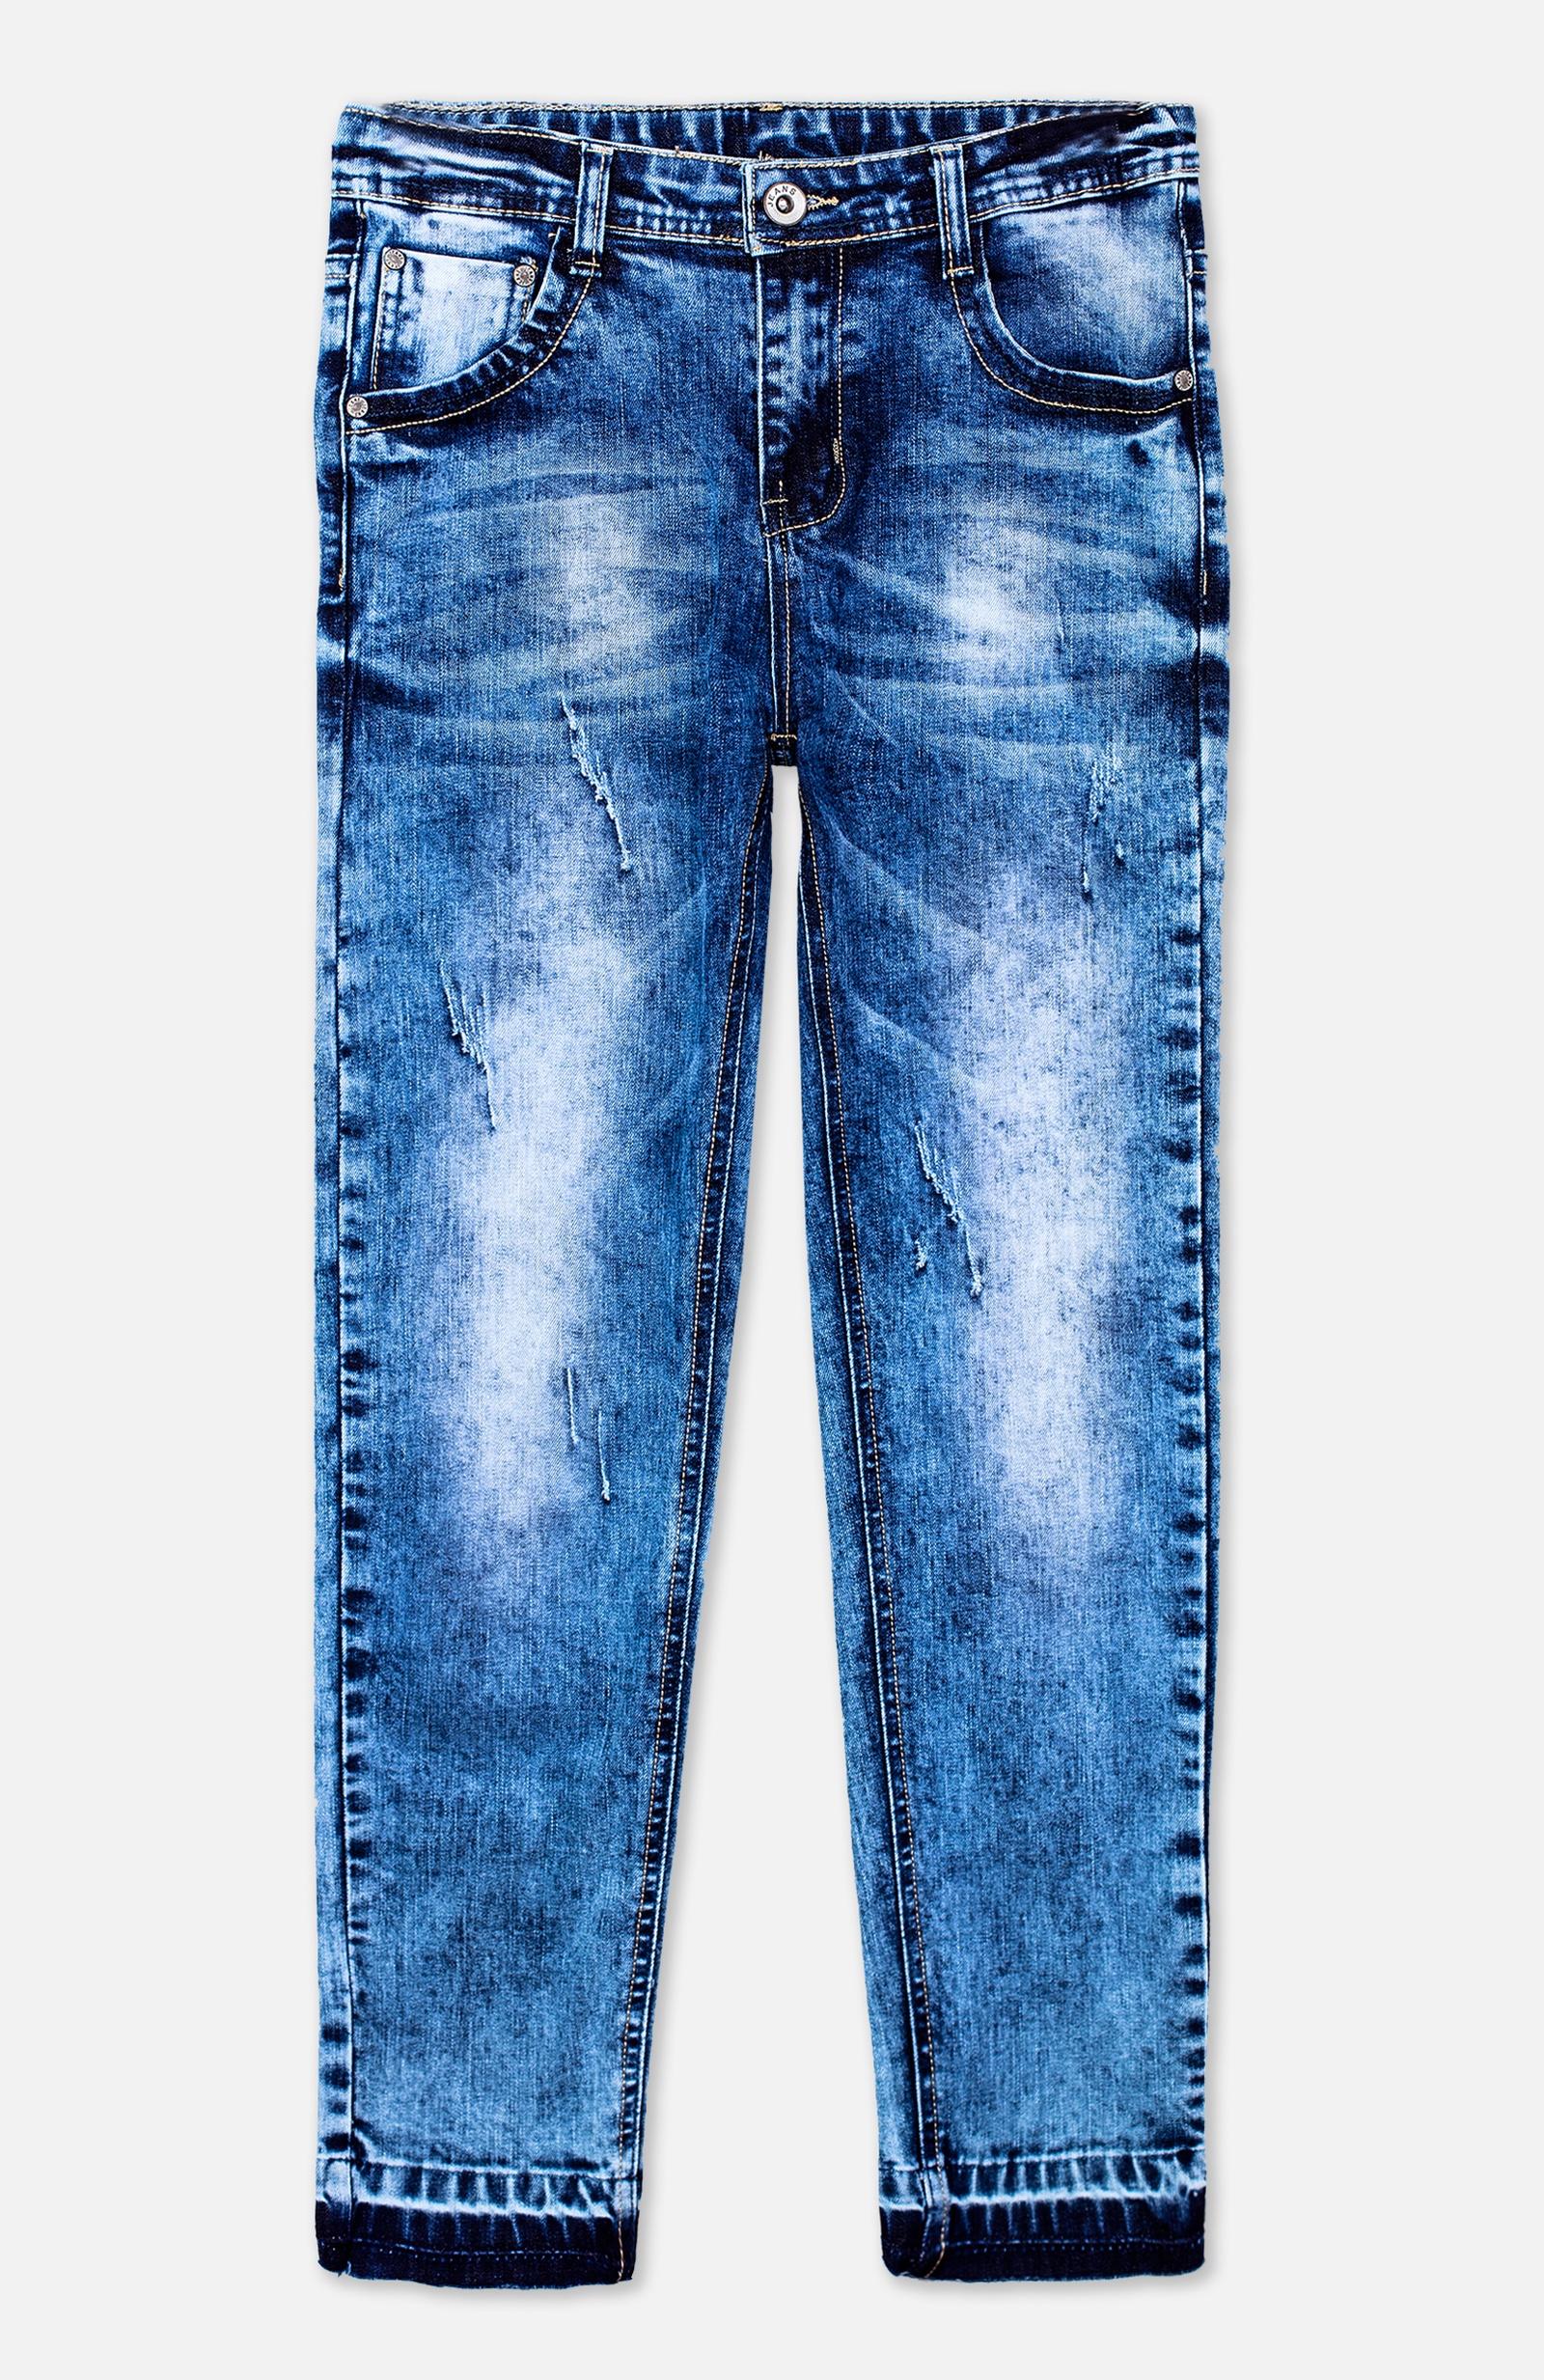 Джинсы PlayToday playtoday джинсы playtoday для мальчика